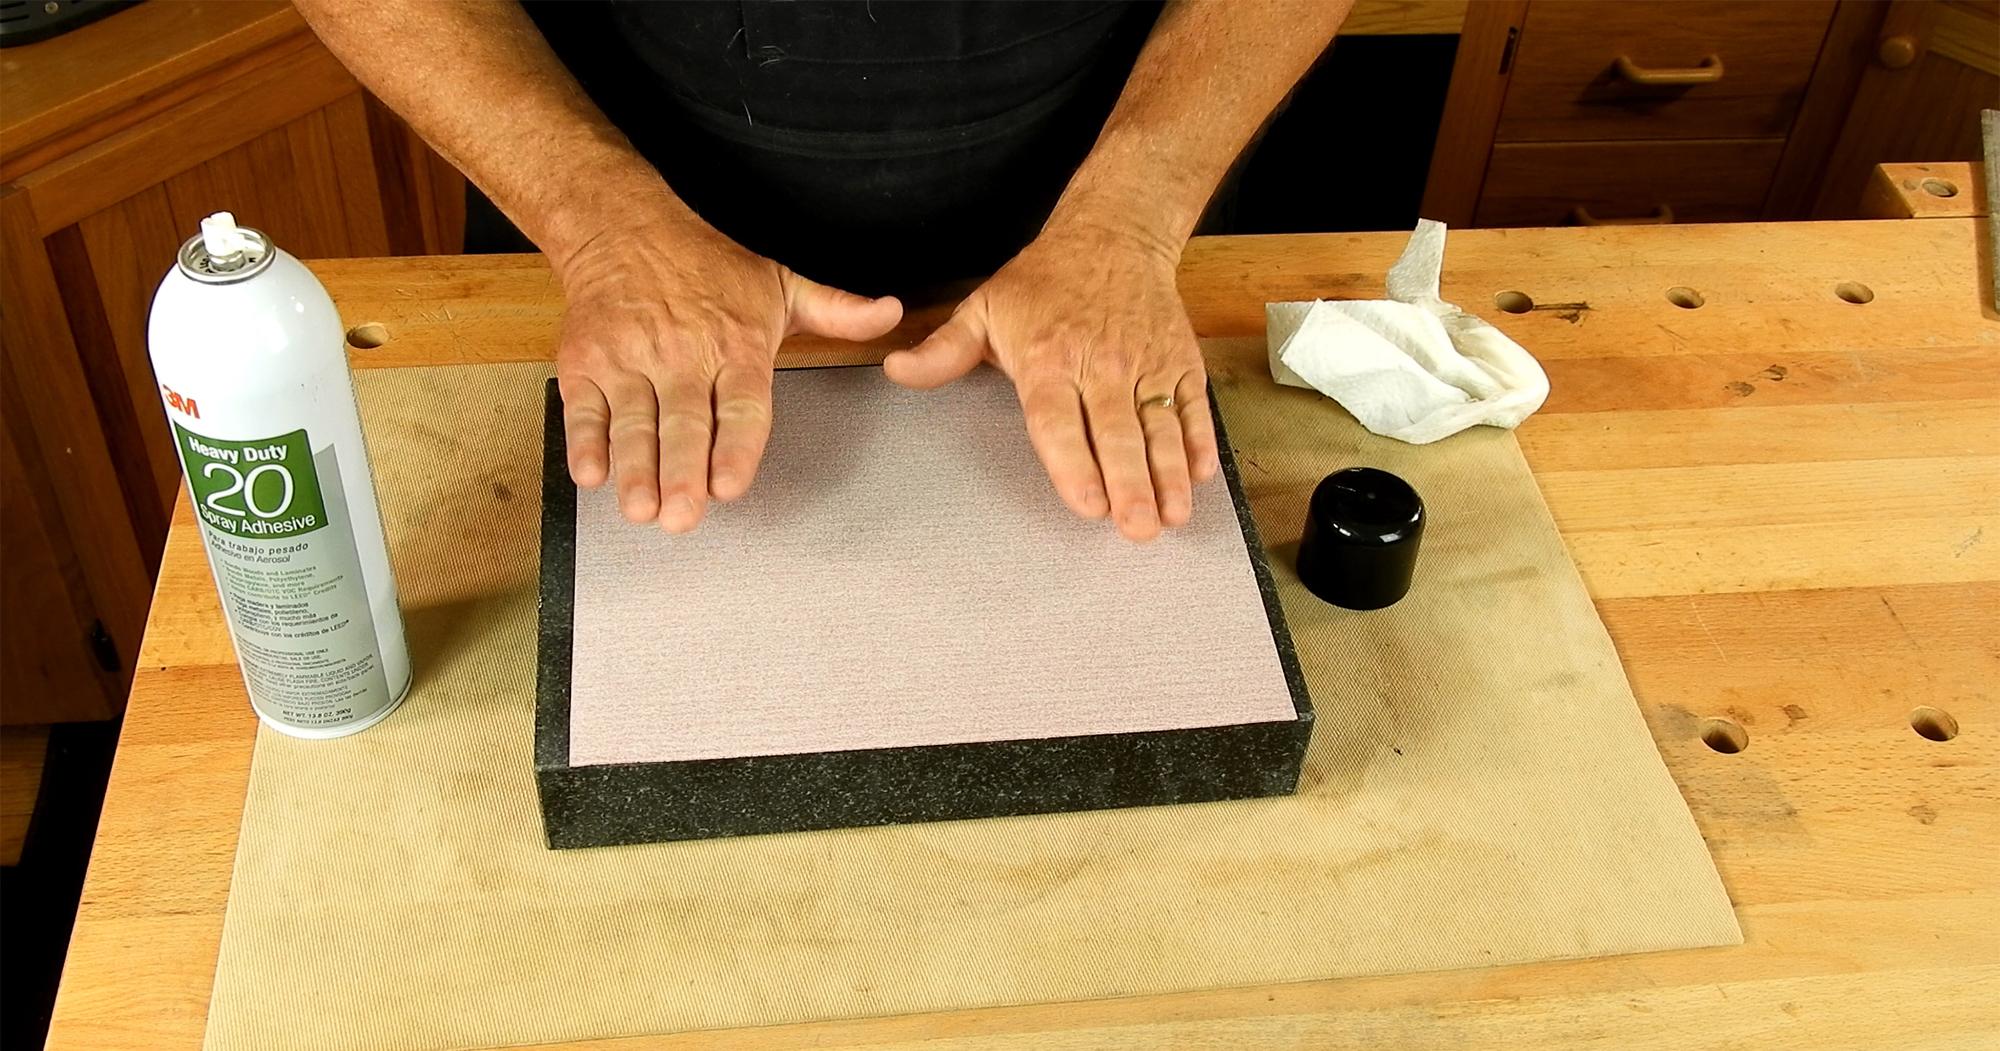 Sticking paper to granite.